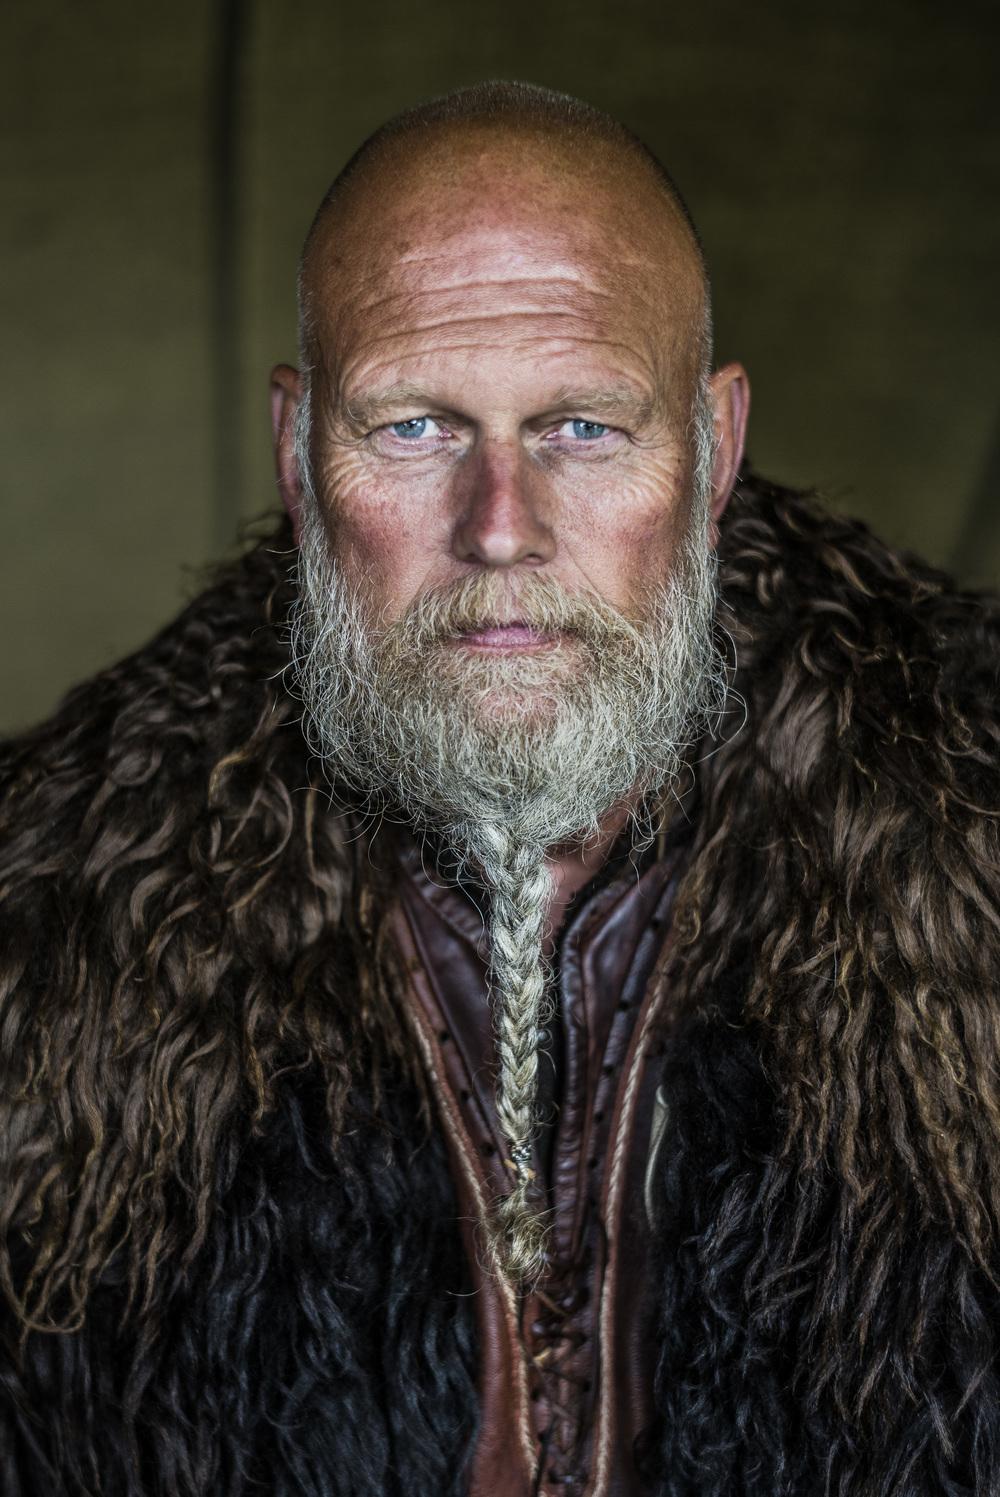 vikinger-1008640.jpg